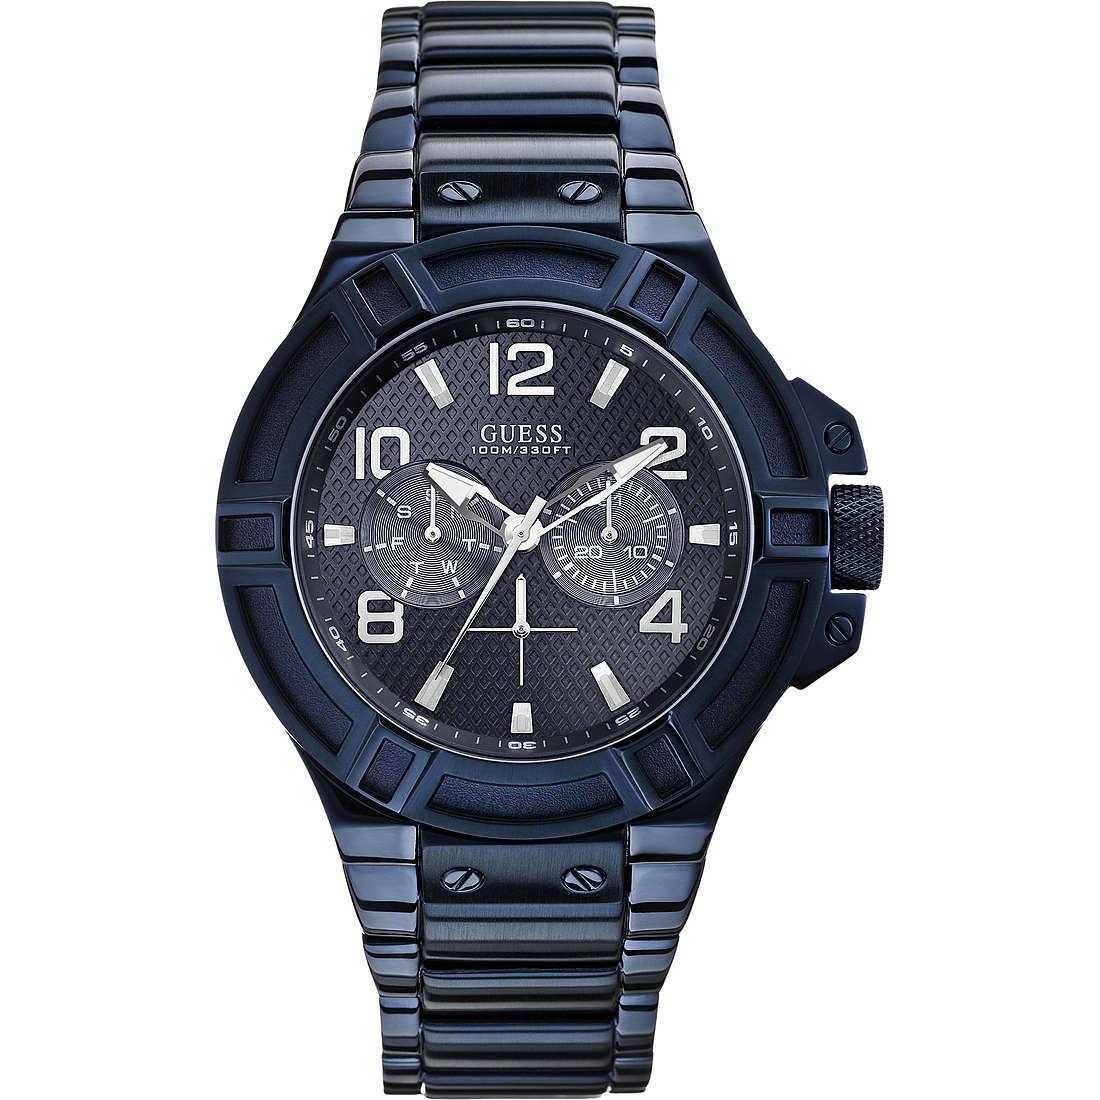 orologio multifunzione uomo Guess Settembre 2013 W0041G2